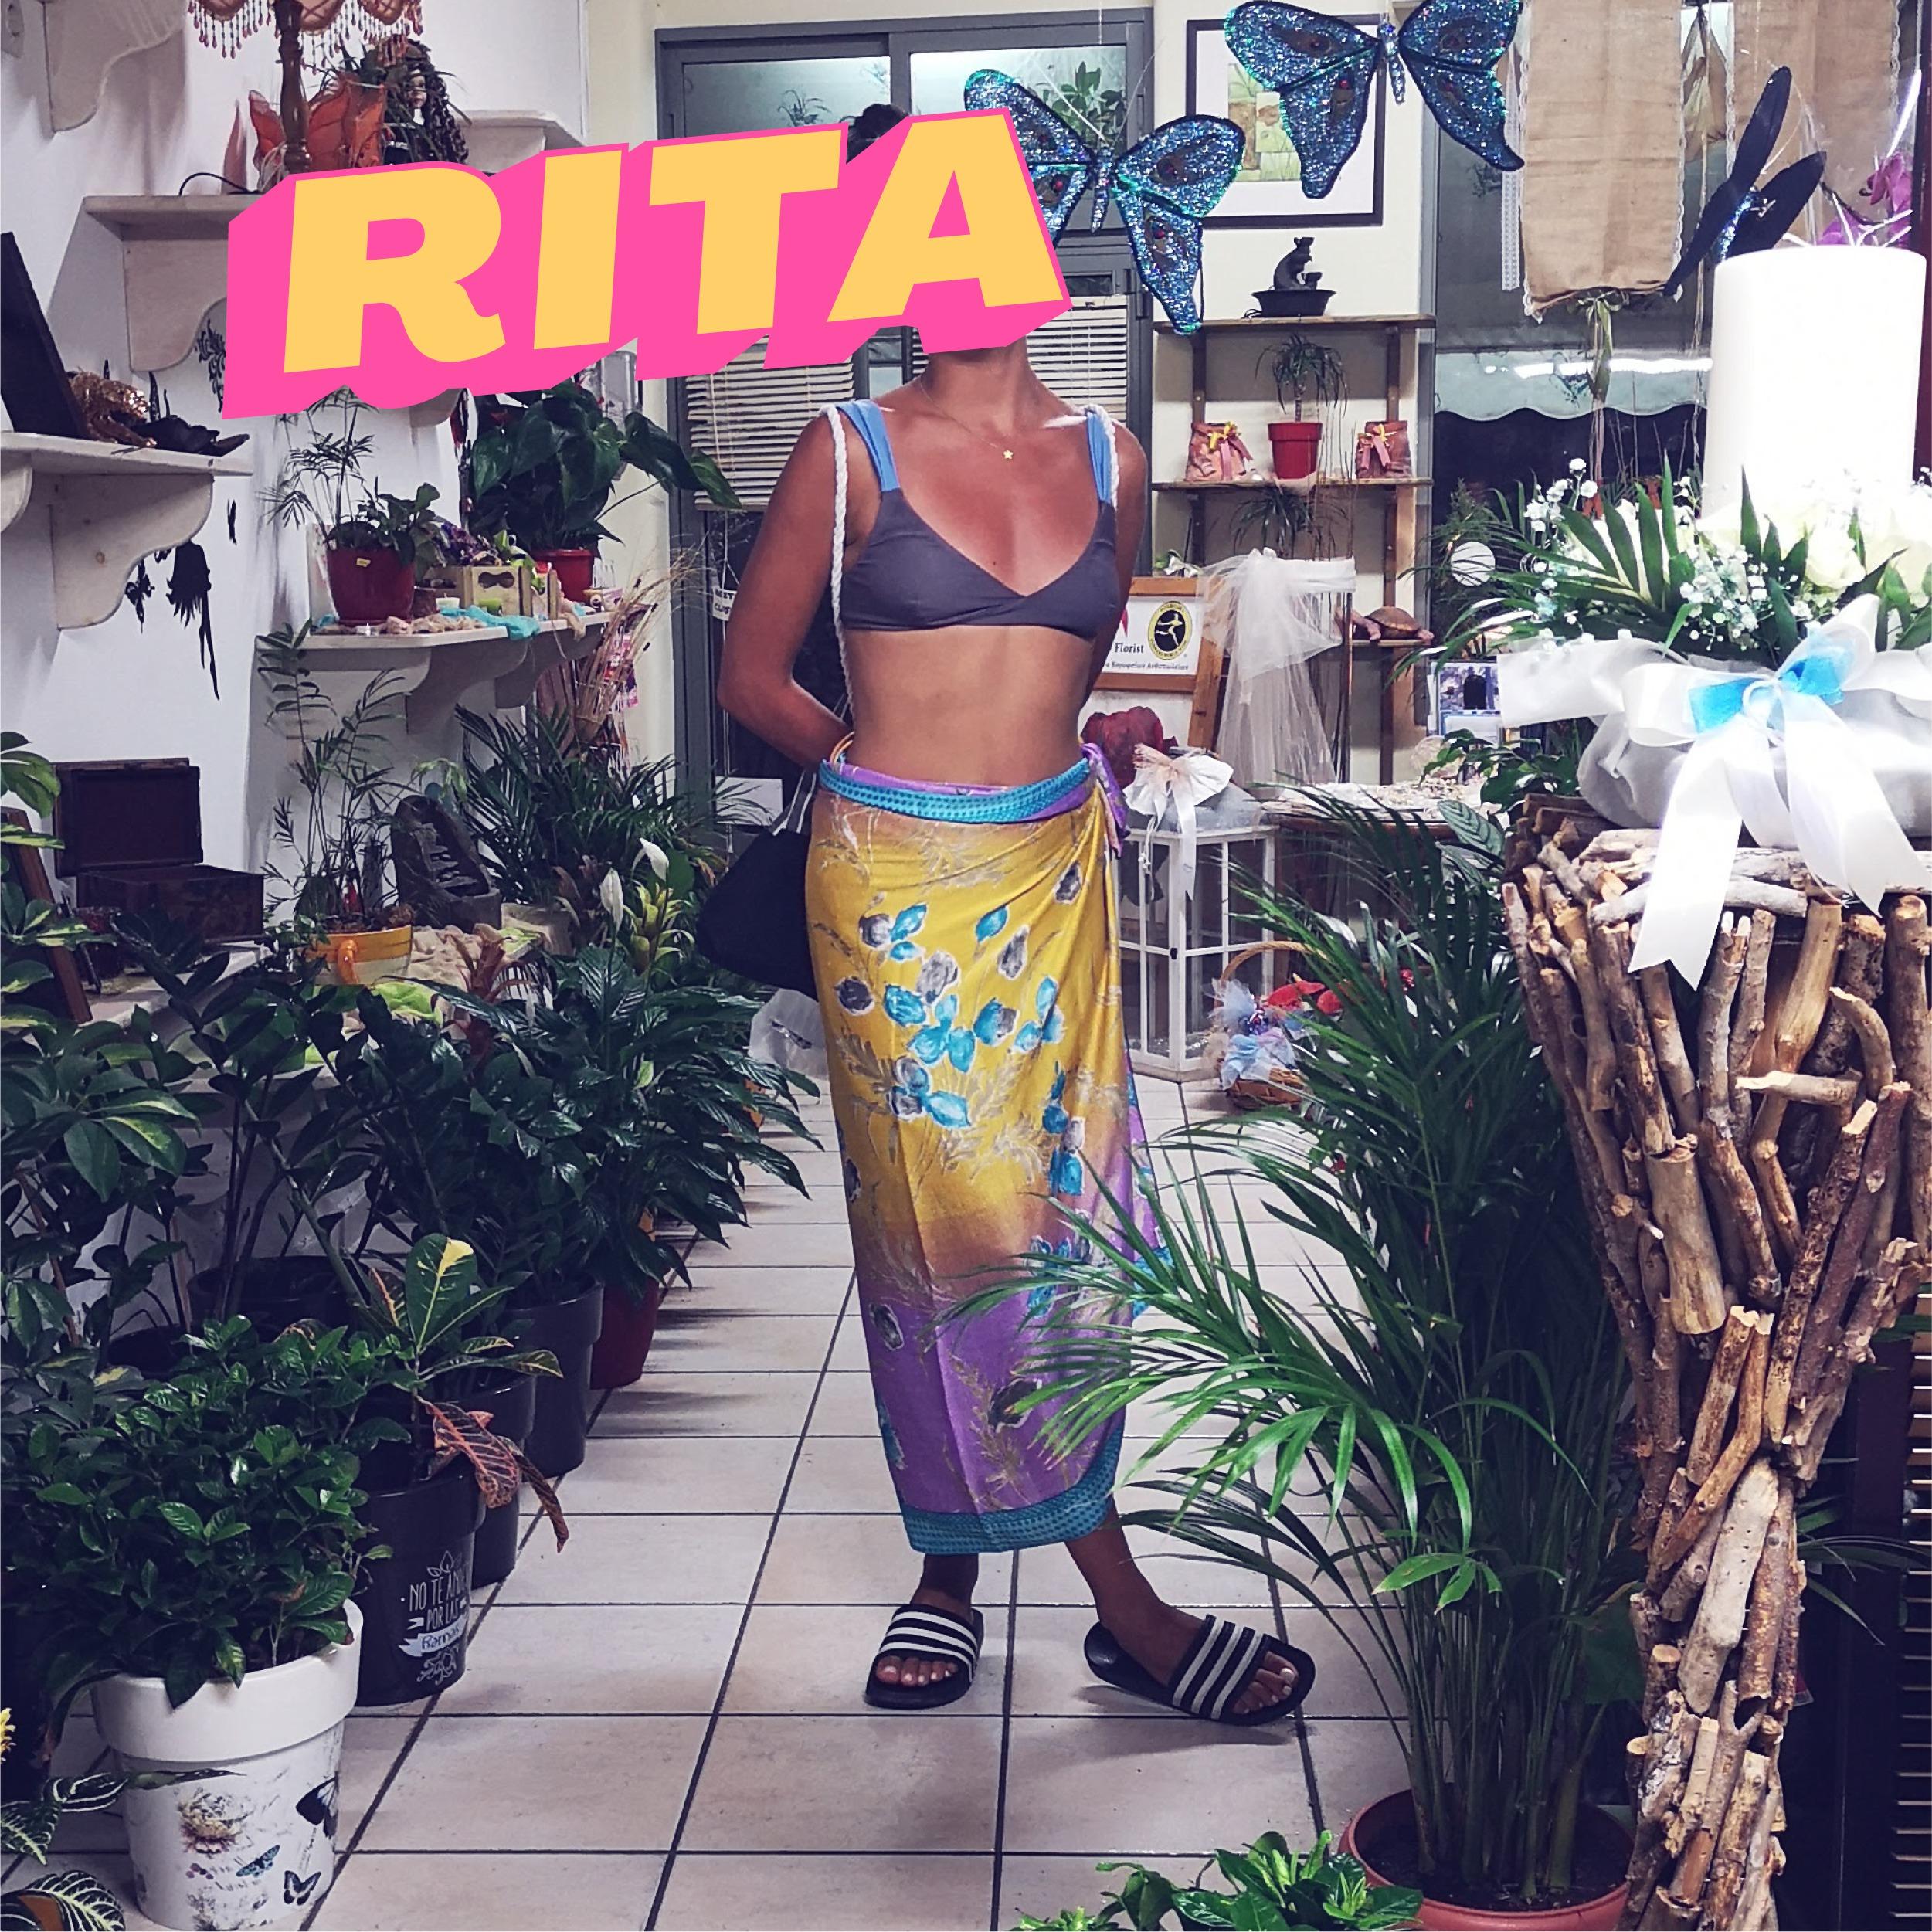 """Κωστής Μαραβέγιας: """"Ρίτα"""" Νέο single – Cosmopoliti.com – Χριστίνα Πολίτη"""